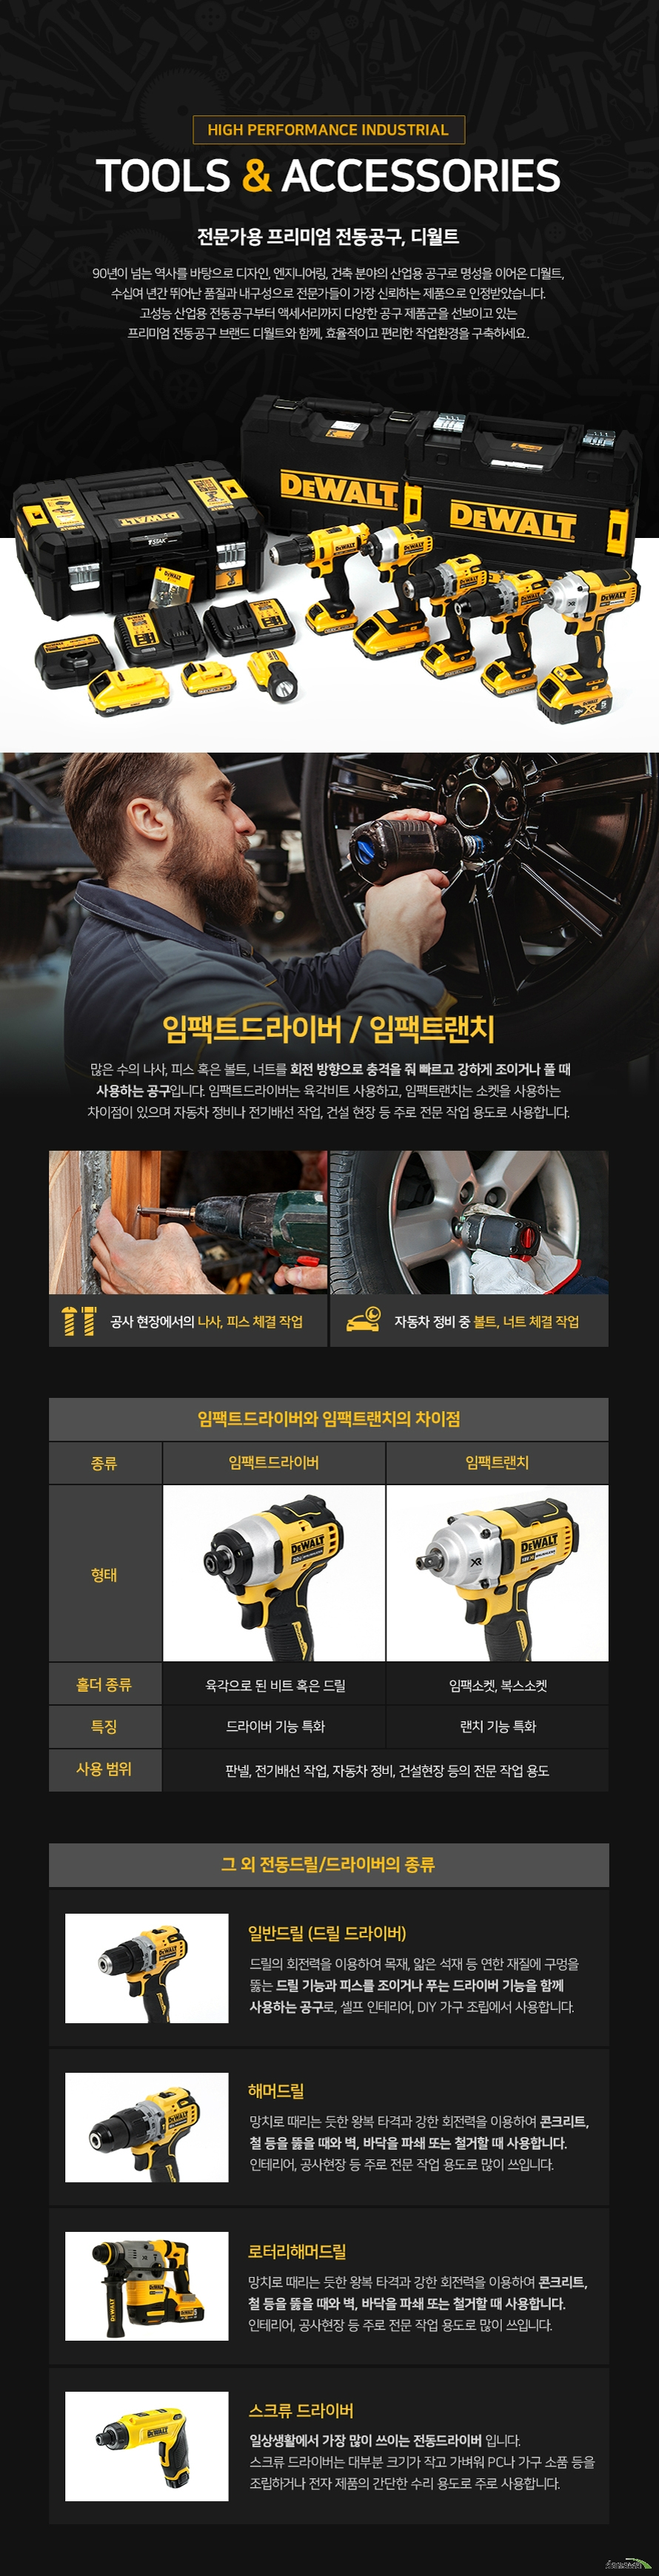 [촬영상품] 디월트 DCF887 (5.0Ah, 배터리 2개)